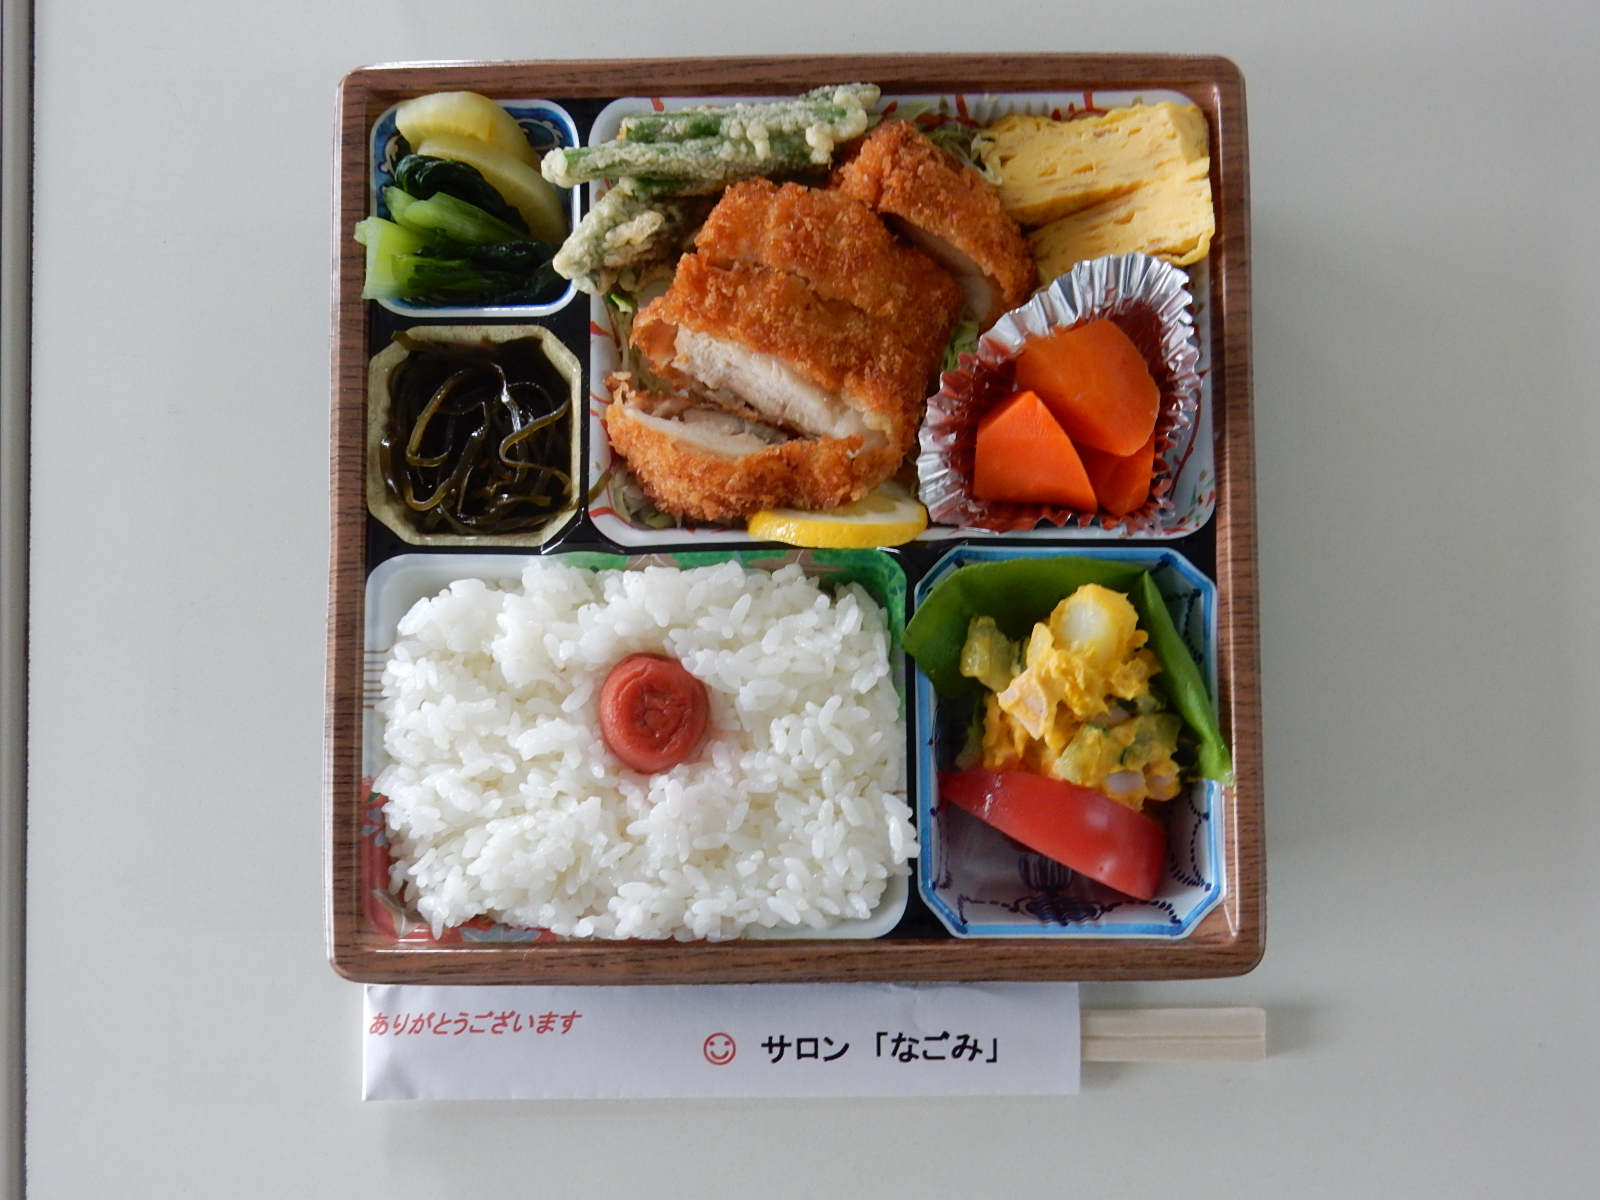 「サロンなごみ」本日の日替わり特別メニュー!(5/10)